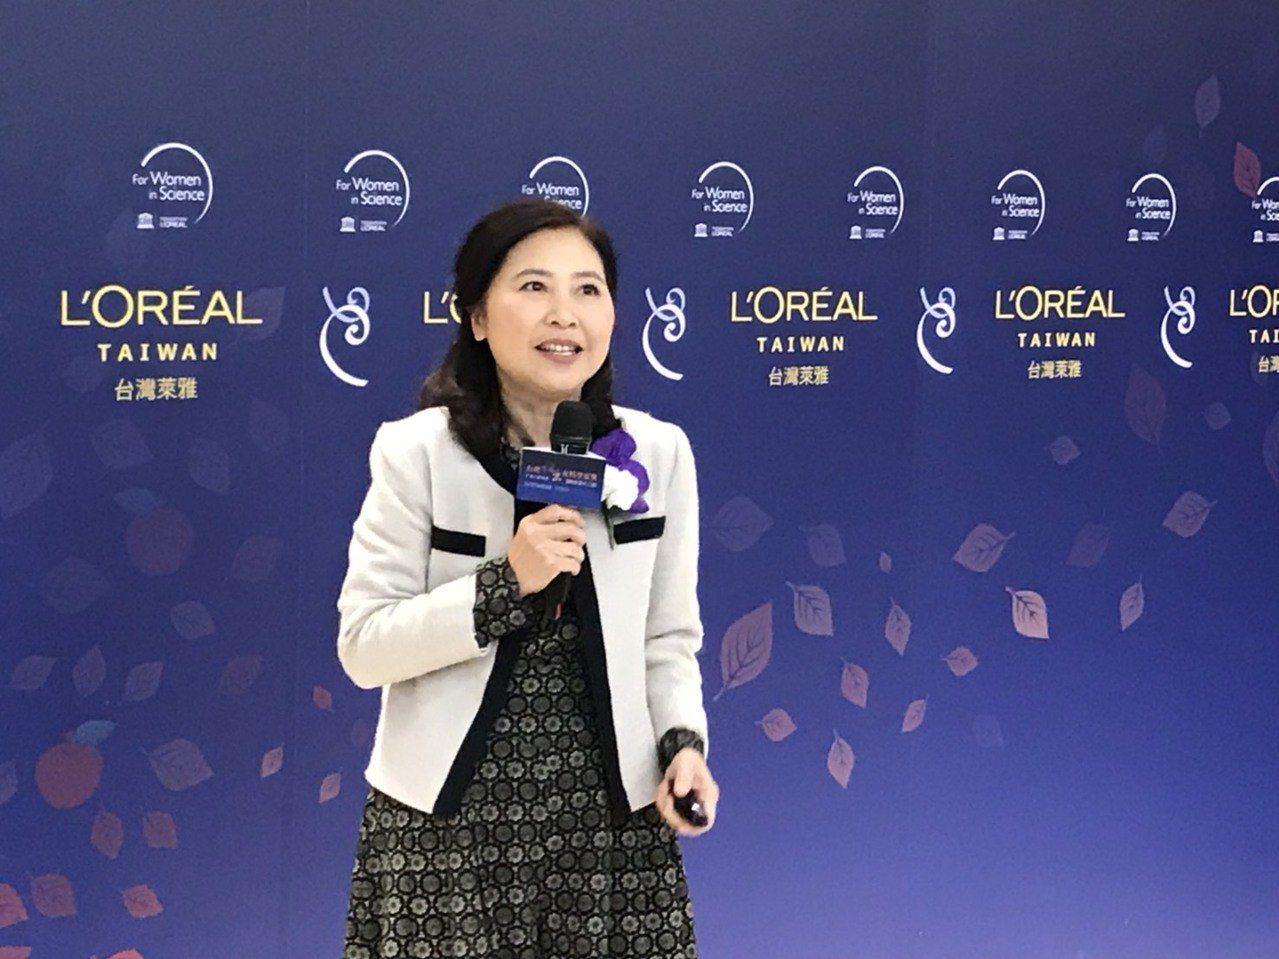 多年來素有「女性諾貝爾獎」美名的「台灣傑出女科學家獎」今天頒獎。今年最高榮譽的傑...